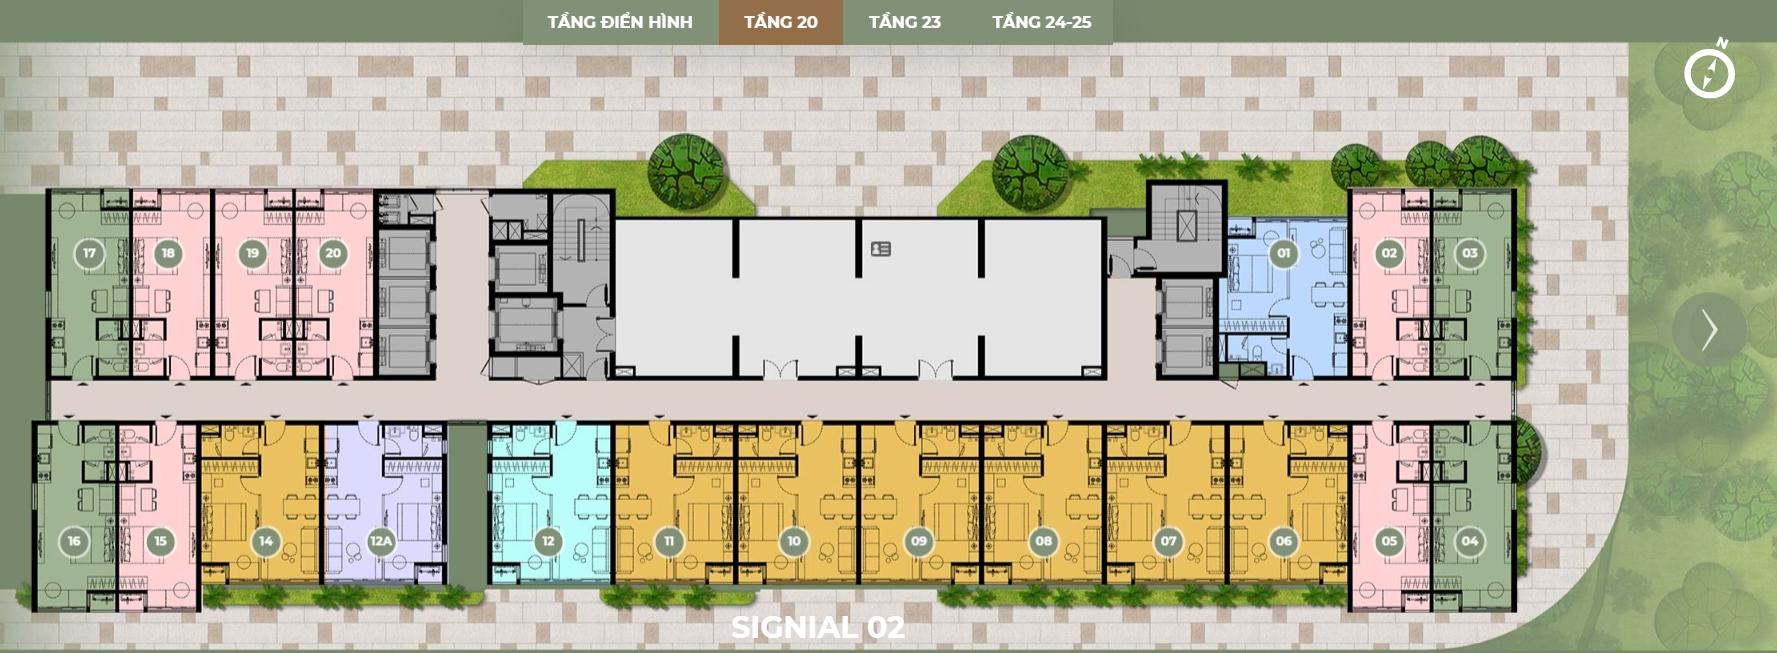 Mặt bằng thiết kế S2 tầng 20 dự án Smartel Signial quận 7.Mặt bằng thiết kế S2 tầng 20 dự án Smartel Signial quận 7.